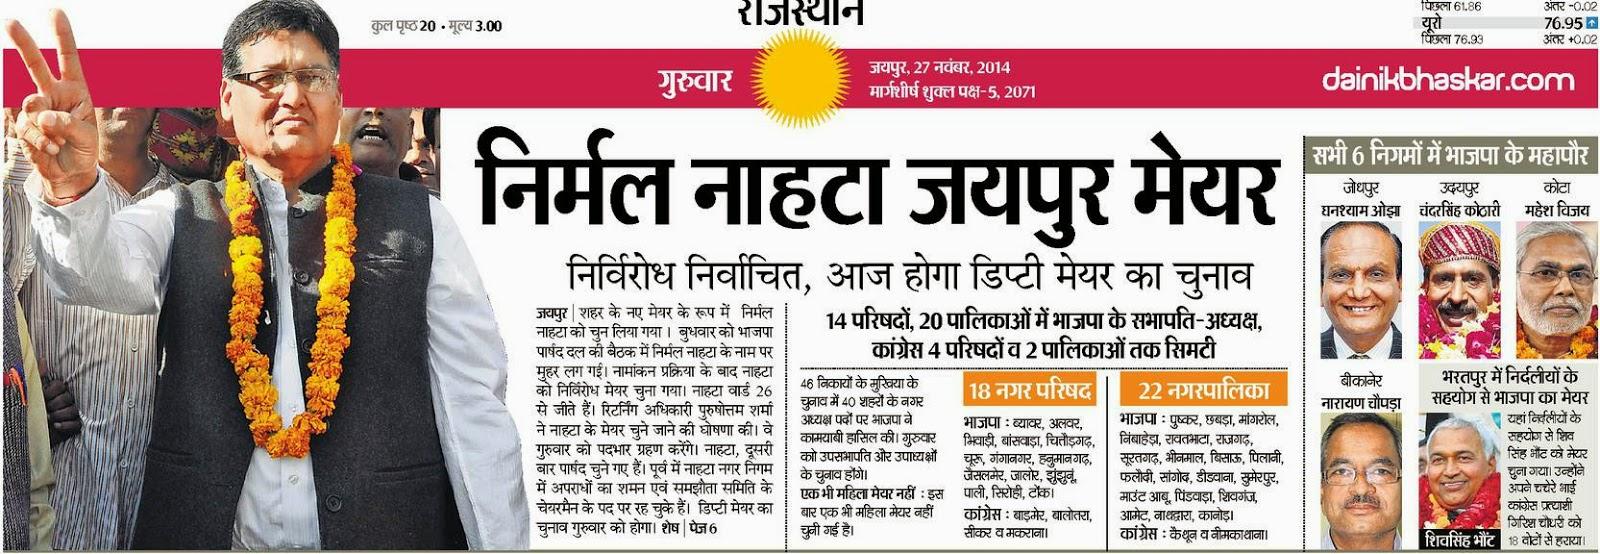 BJP Nirmal Nahata is Jaipur new mayor | Jaipur Municipal